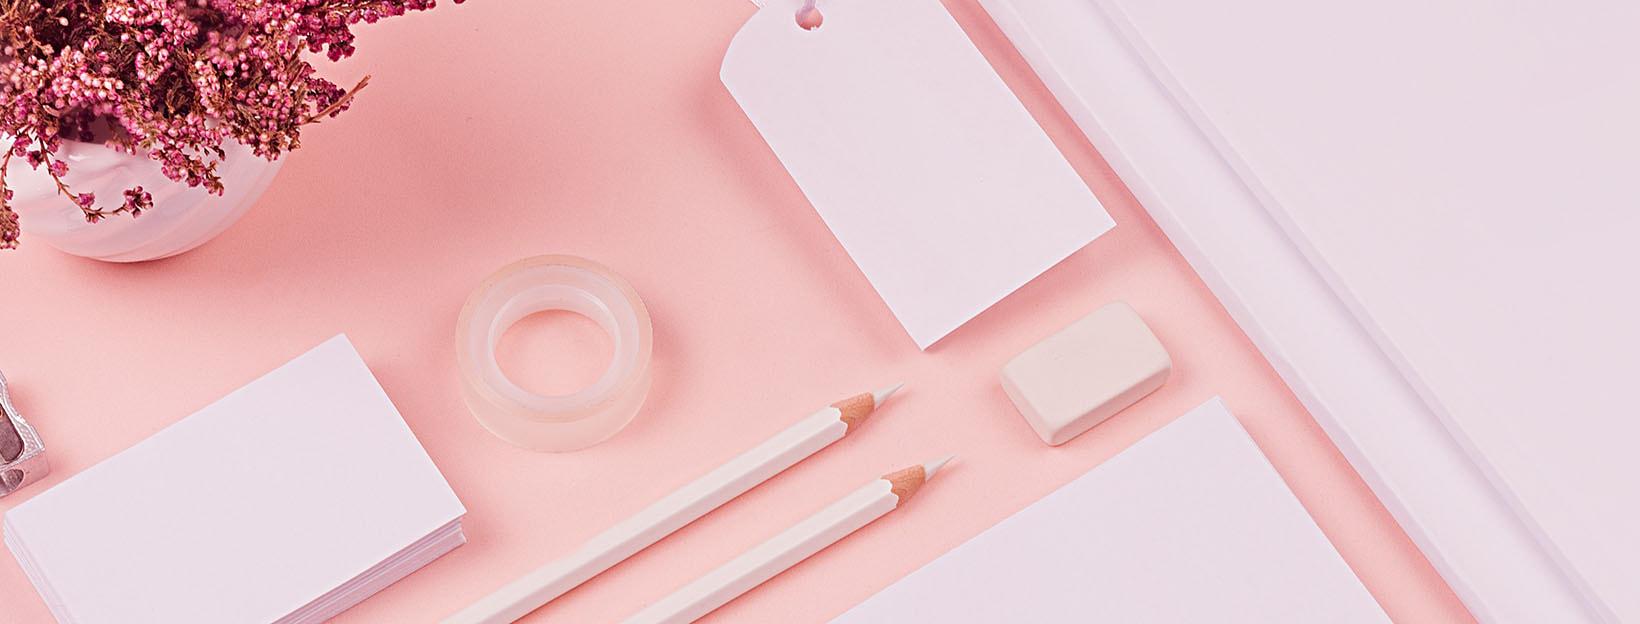 Papierwaren zum Schreiben von Briefen: Adressaufkleber, Stifte, Papier & Co.